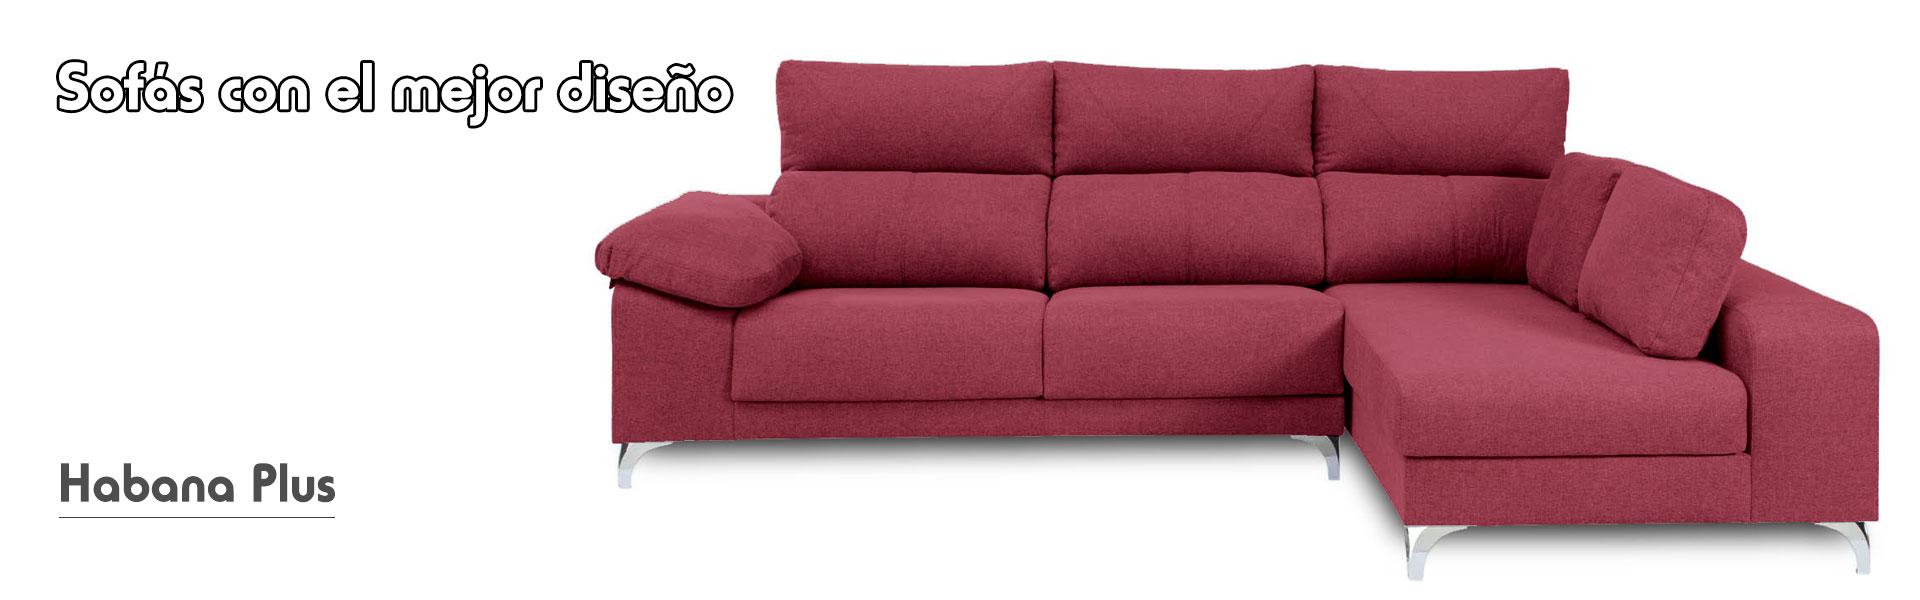 Sofa habana cuba bela rojo